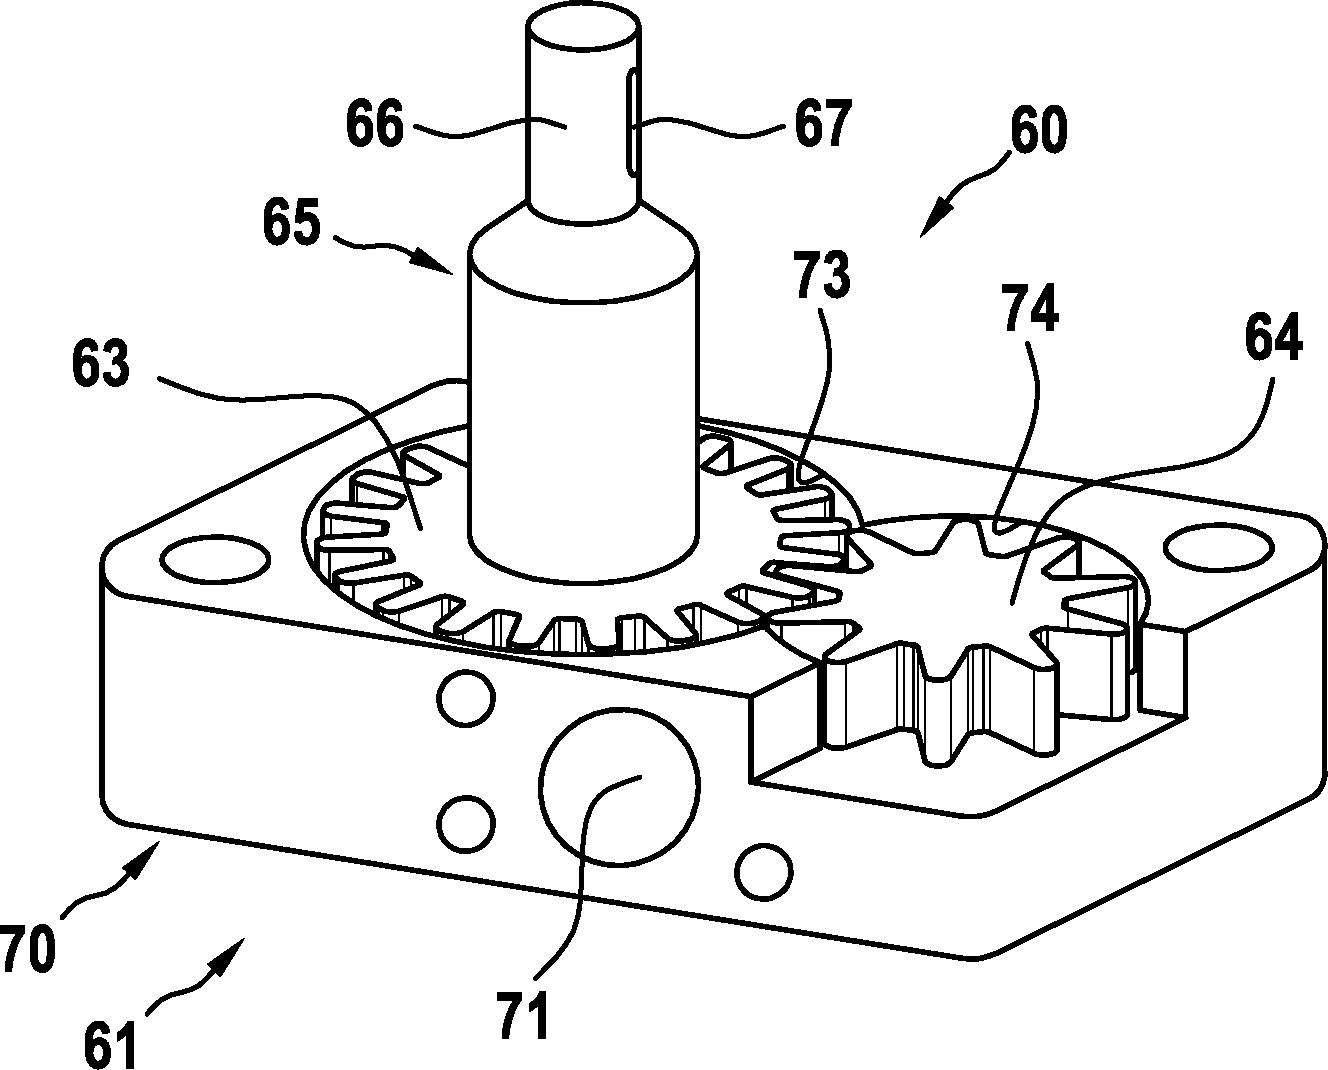 Figure DE102016214762A1_0001